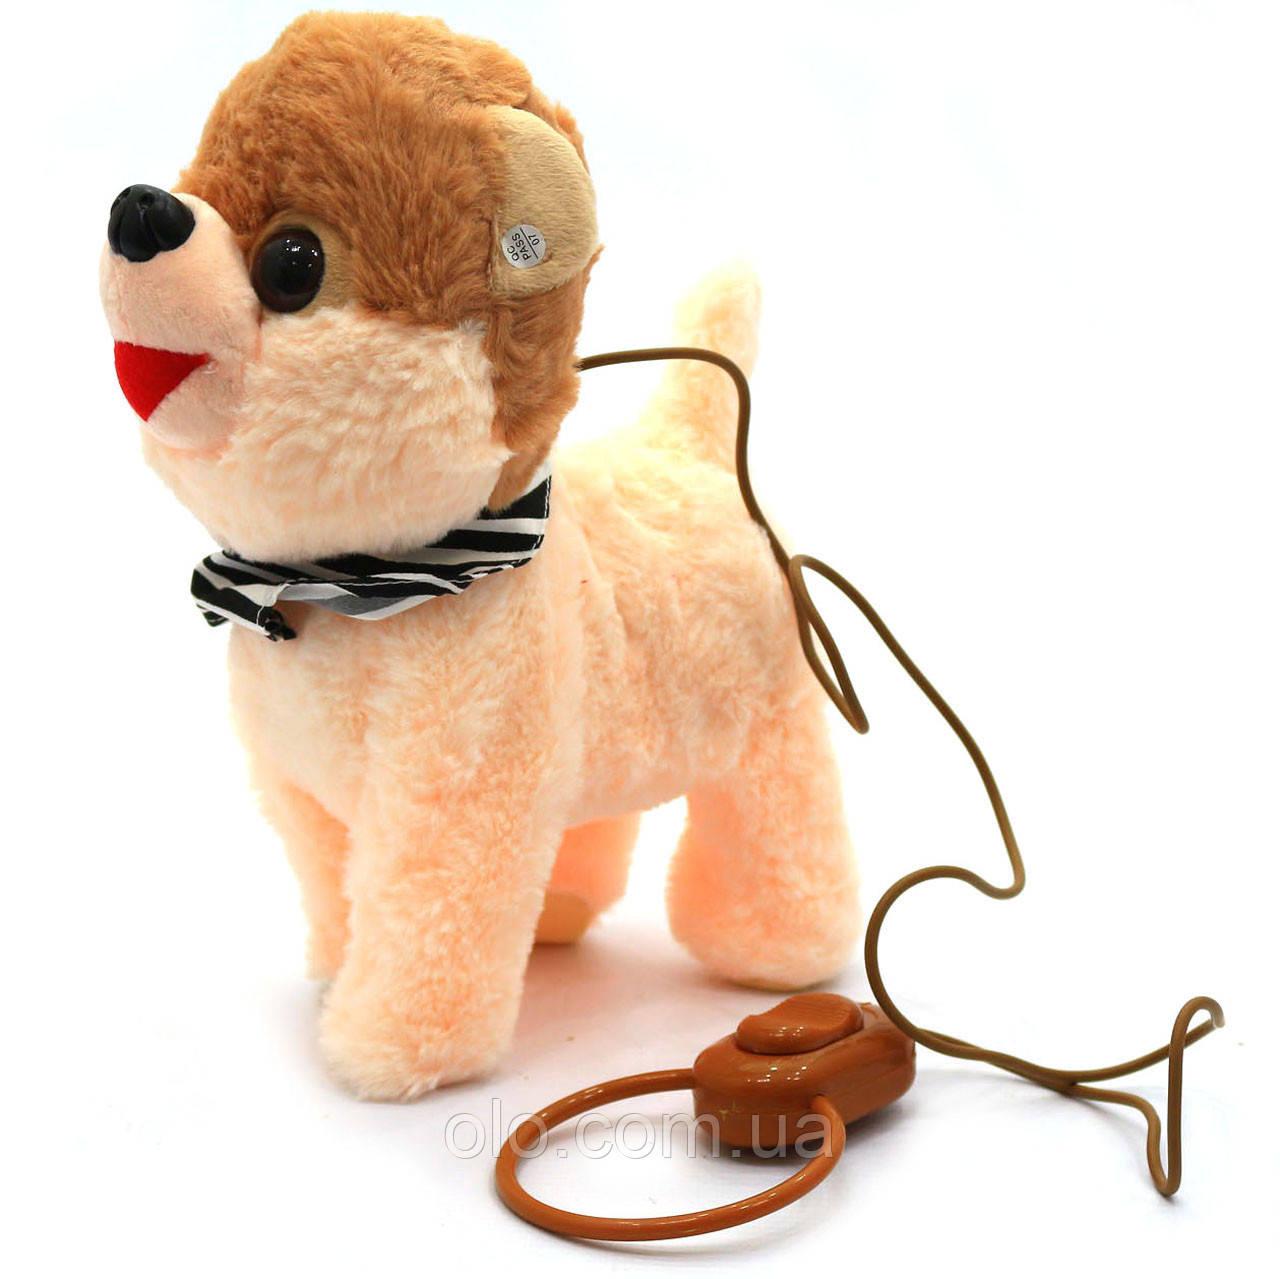 Интерактивная мягкая игрушка «Щенок на поводке 5», ходит, виляет хвостом, лает, поет на англ, 23 см (M667)